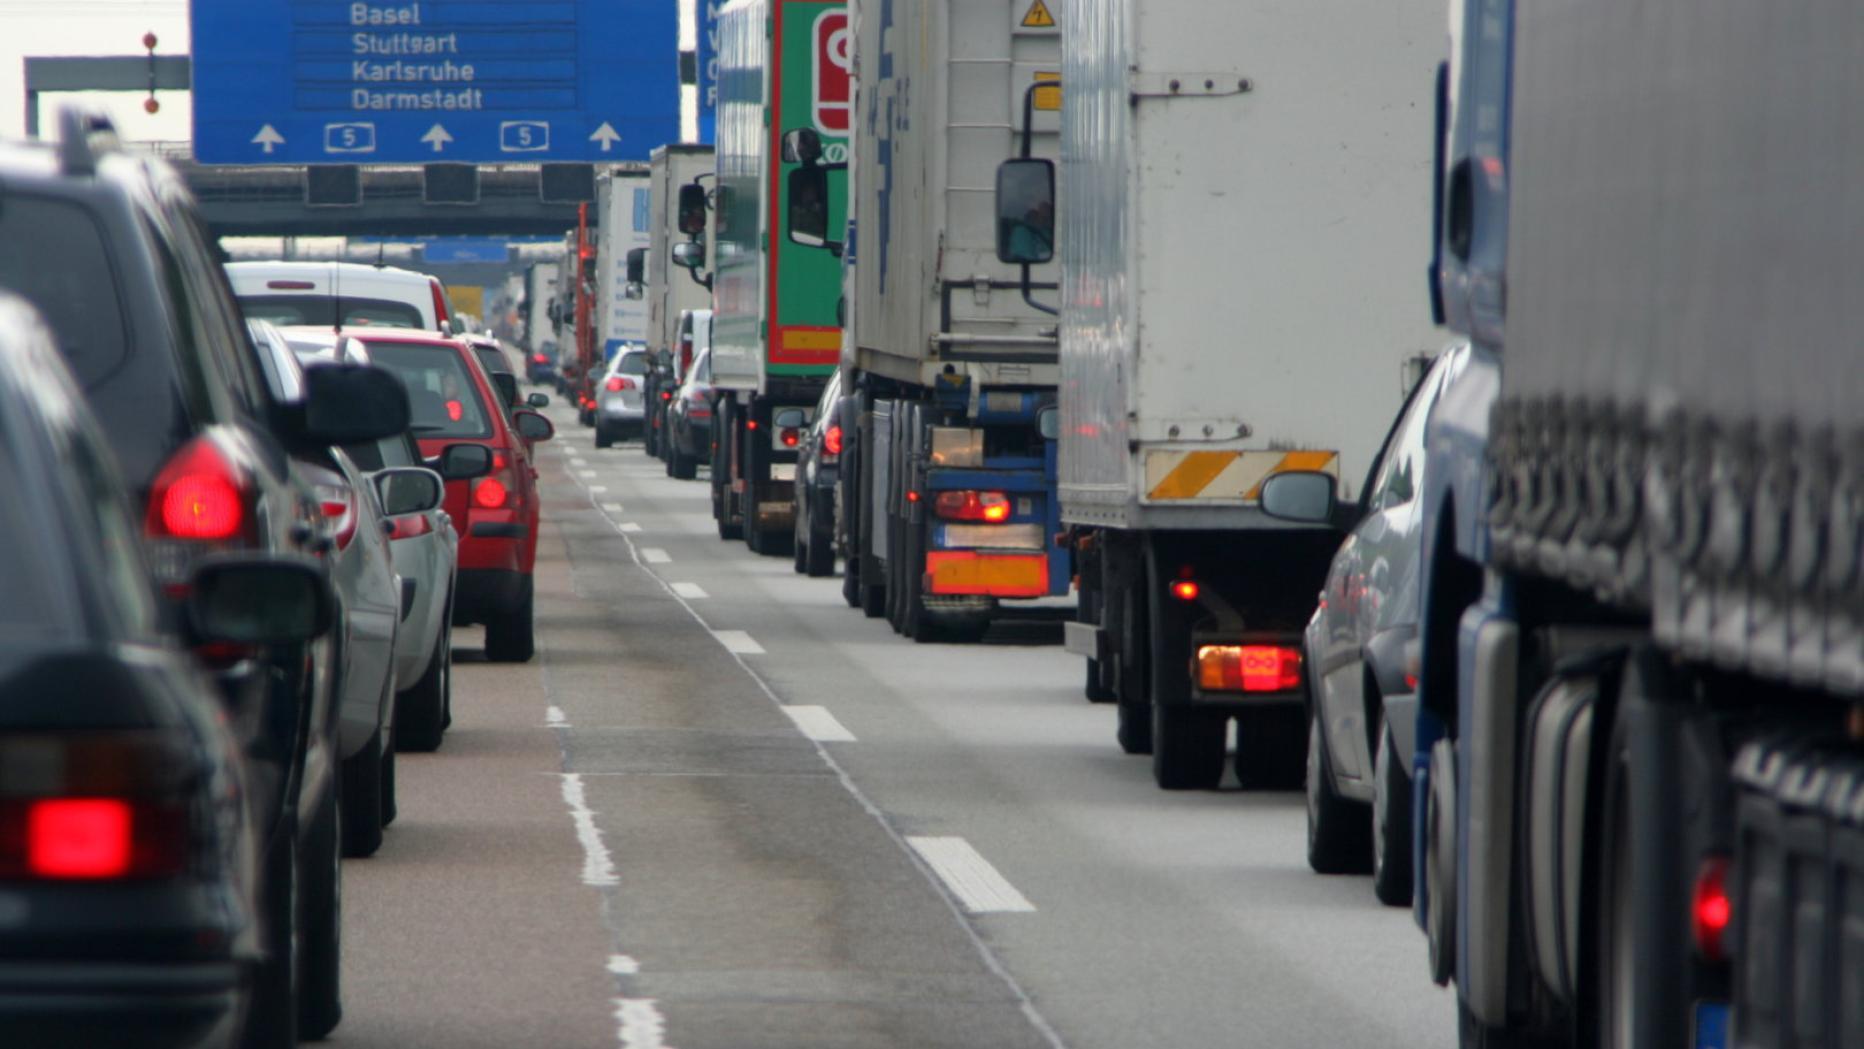 EU-Staaten einig über 30 Prozent CO2-Reduktion bei Lkw